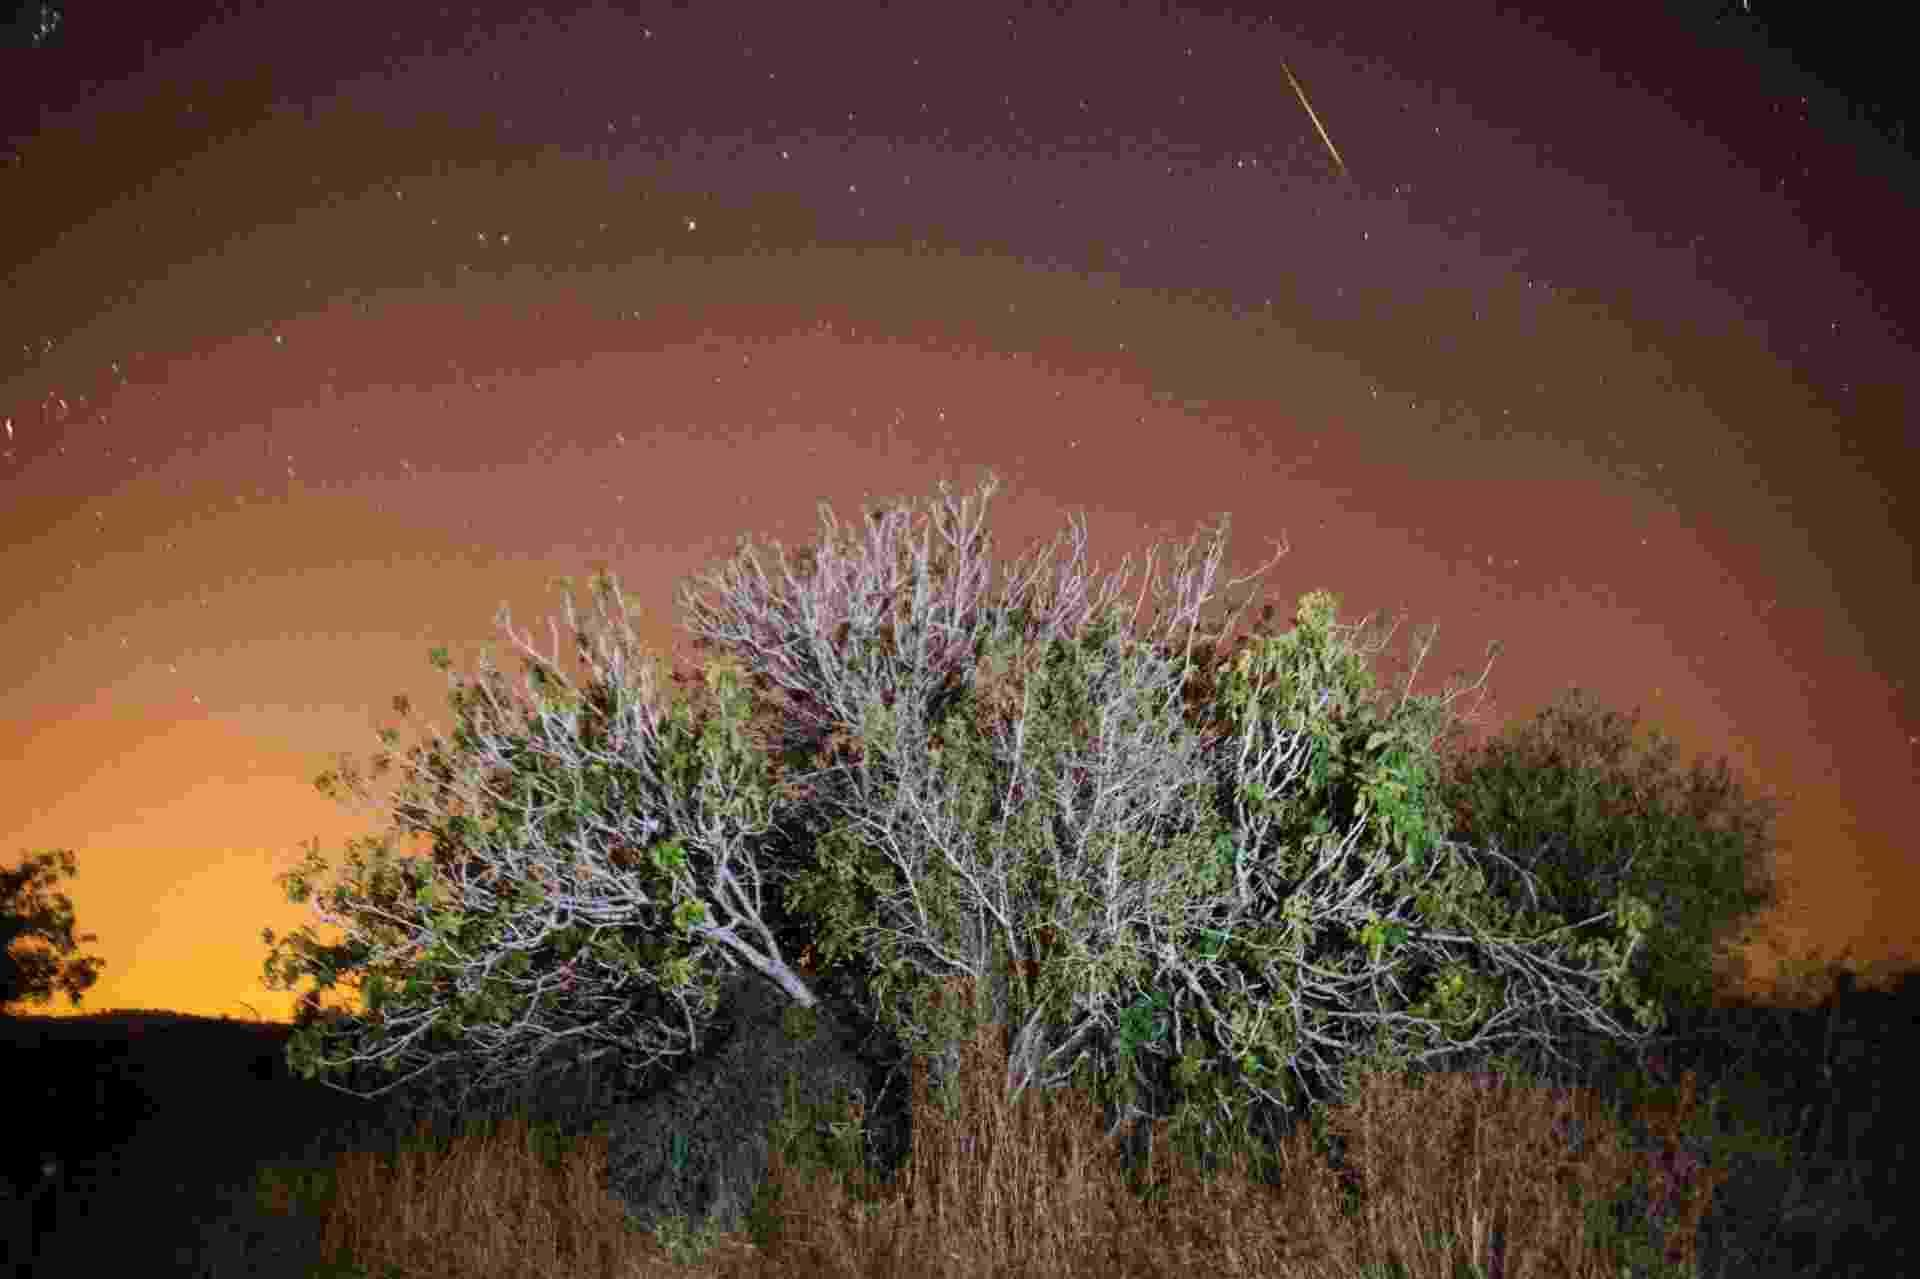 12.ago.2016 - Chuva de meteoros Perseidas é registrada no ceú de Luzit, na região central de Israel. O fenômeno, que ocorre anualmente no mês de agosto, teve seu ápice na madrugada desta quinta para sexta-feira (12), segundo a Nasa. O fenômeno é muito mais intenso no hemisfério Norte. As Perseidas têm este nome porque os meteoros parecem sair da constelação de Perseus - Menahem Kahana/AFP